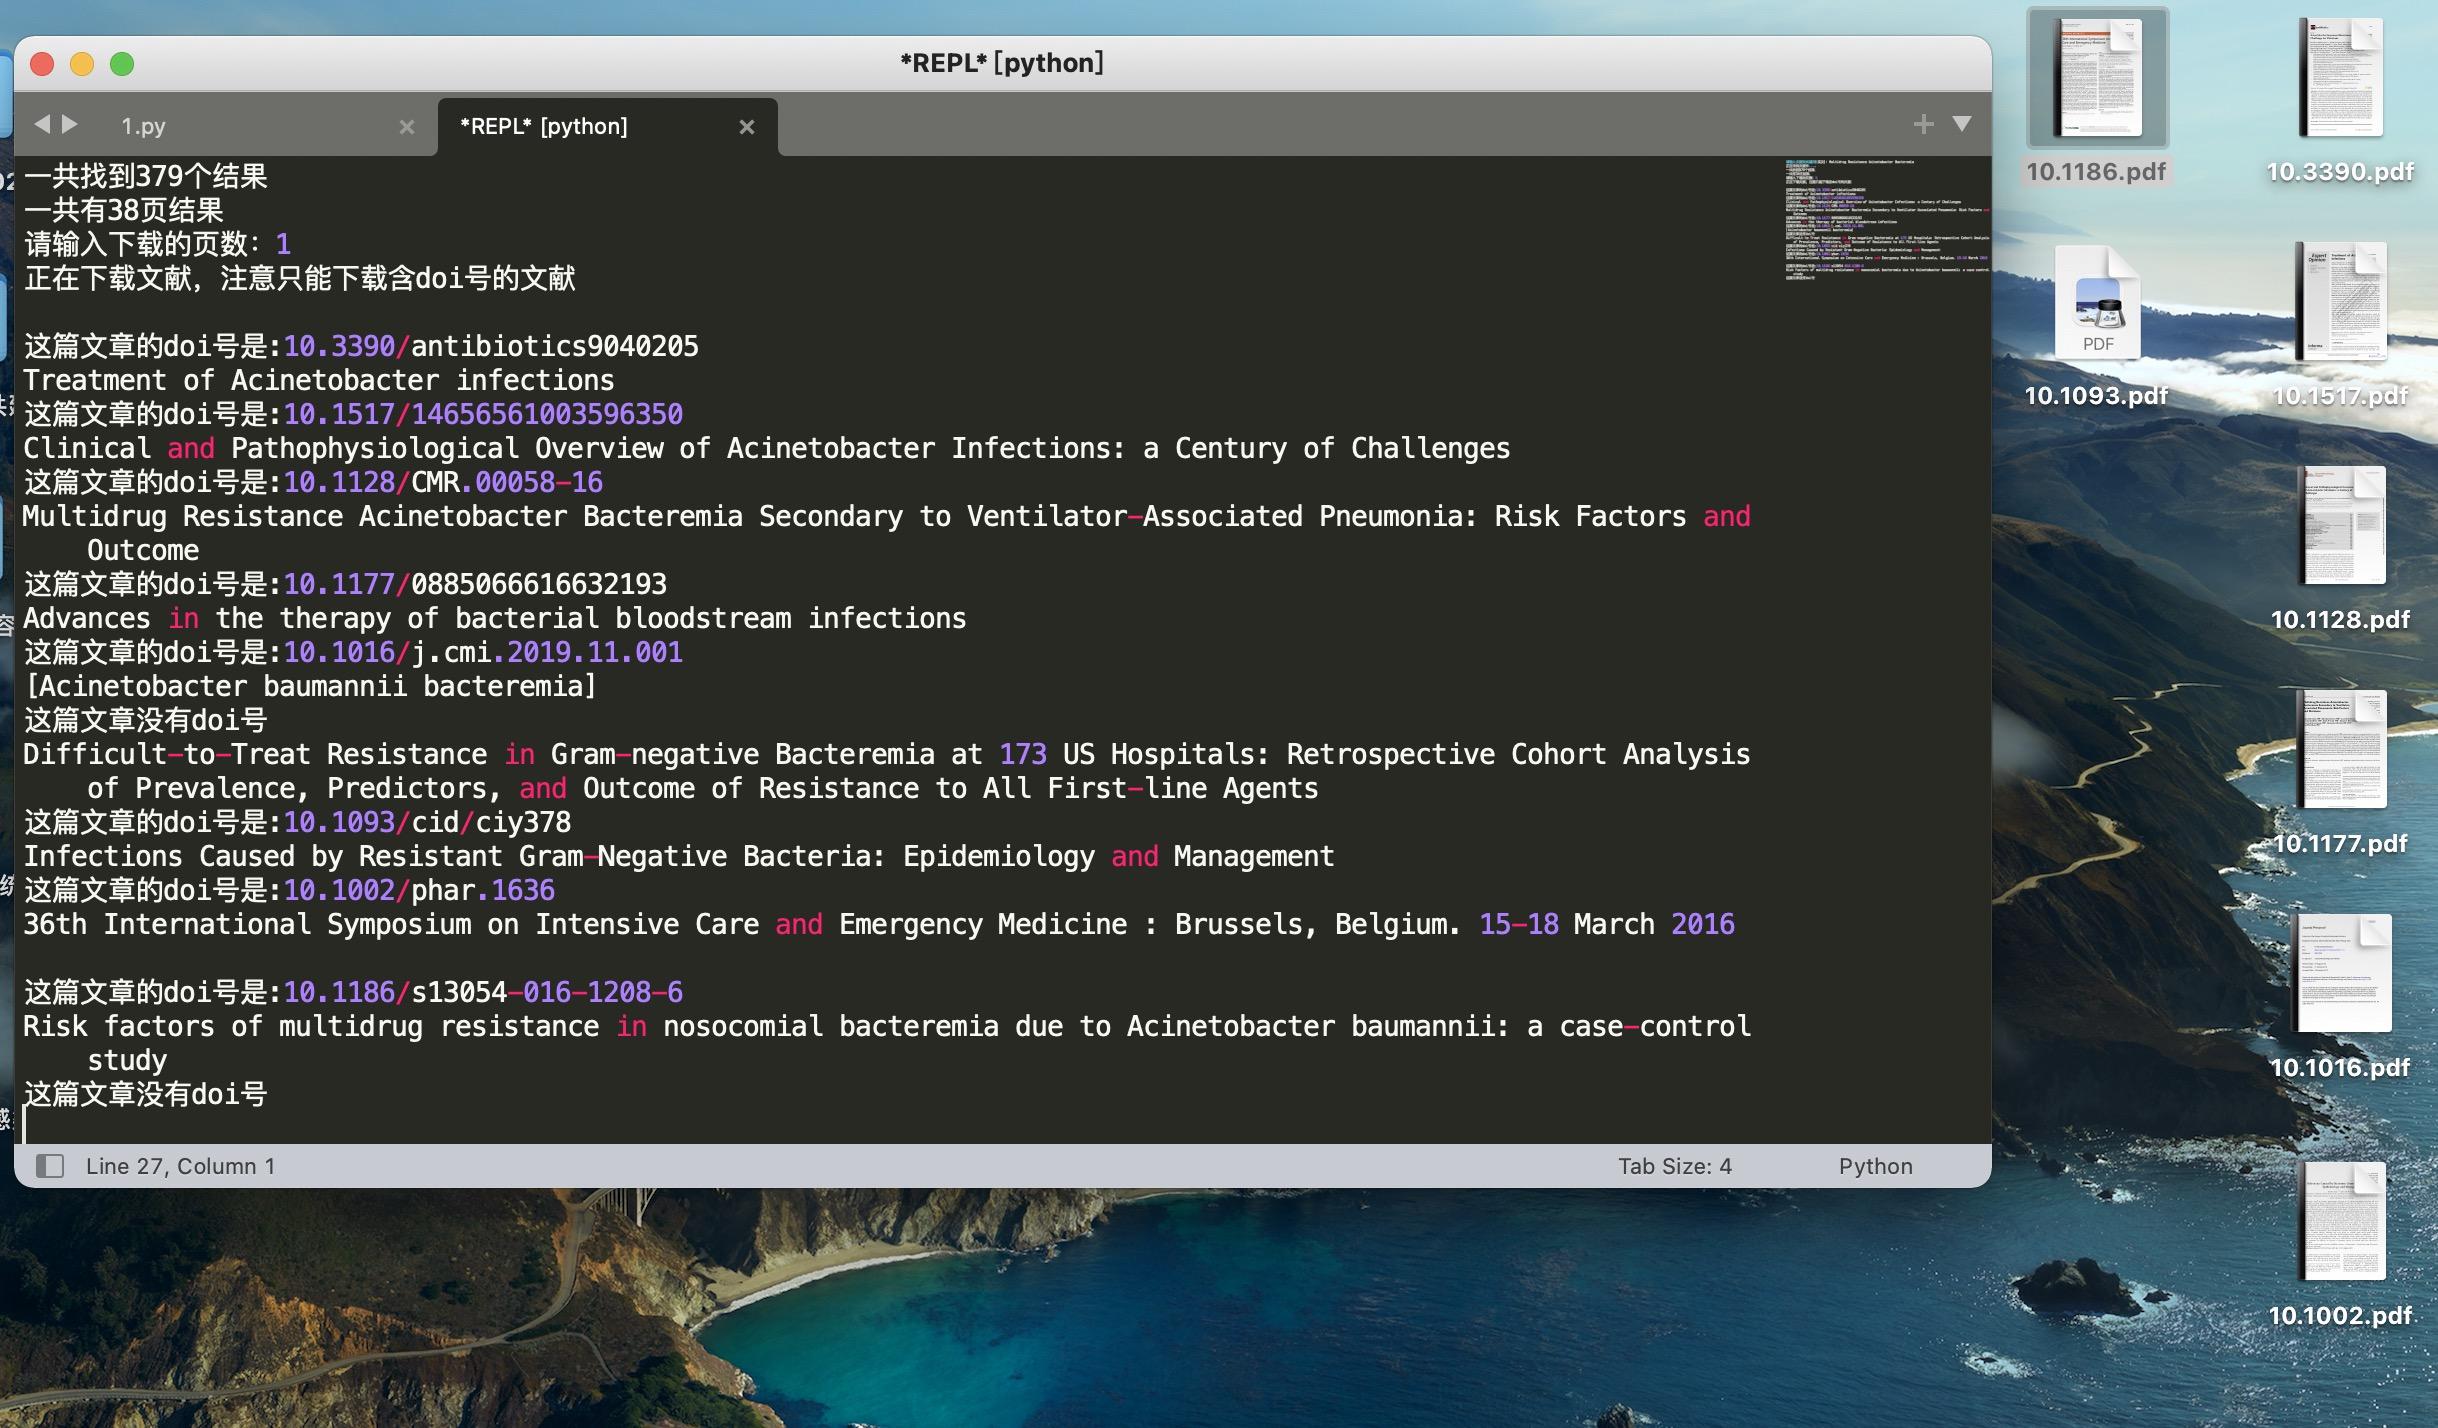 用Python批量下载文献